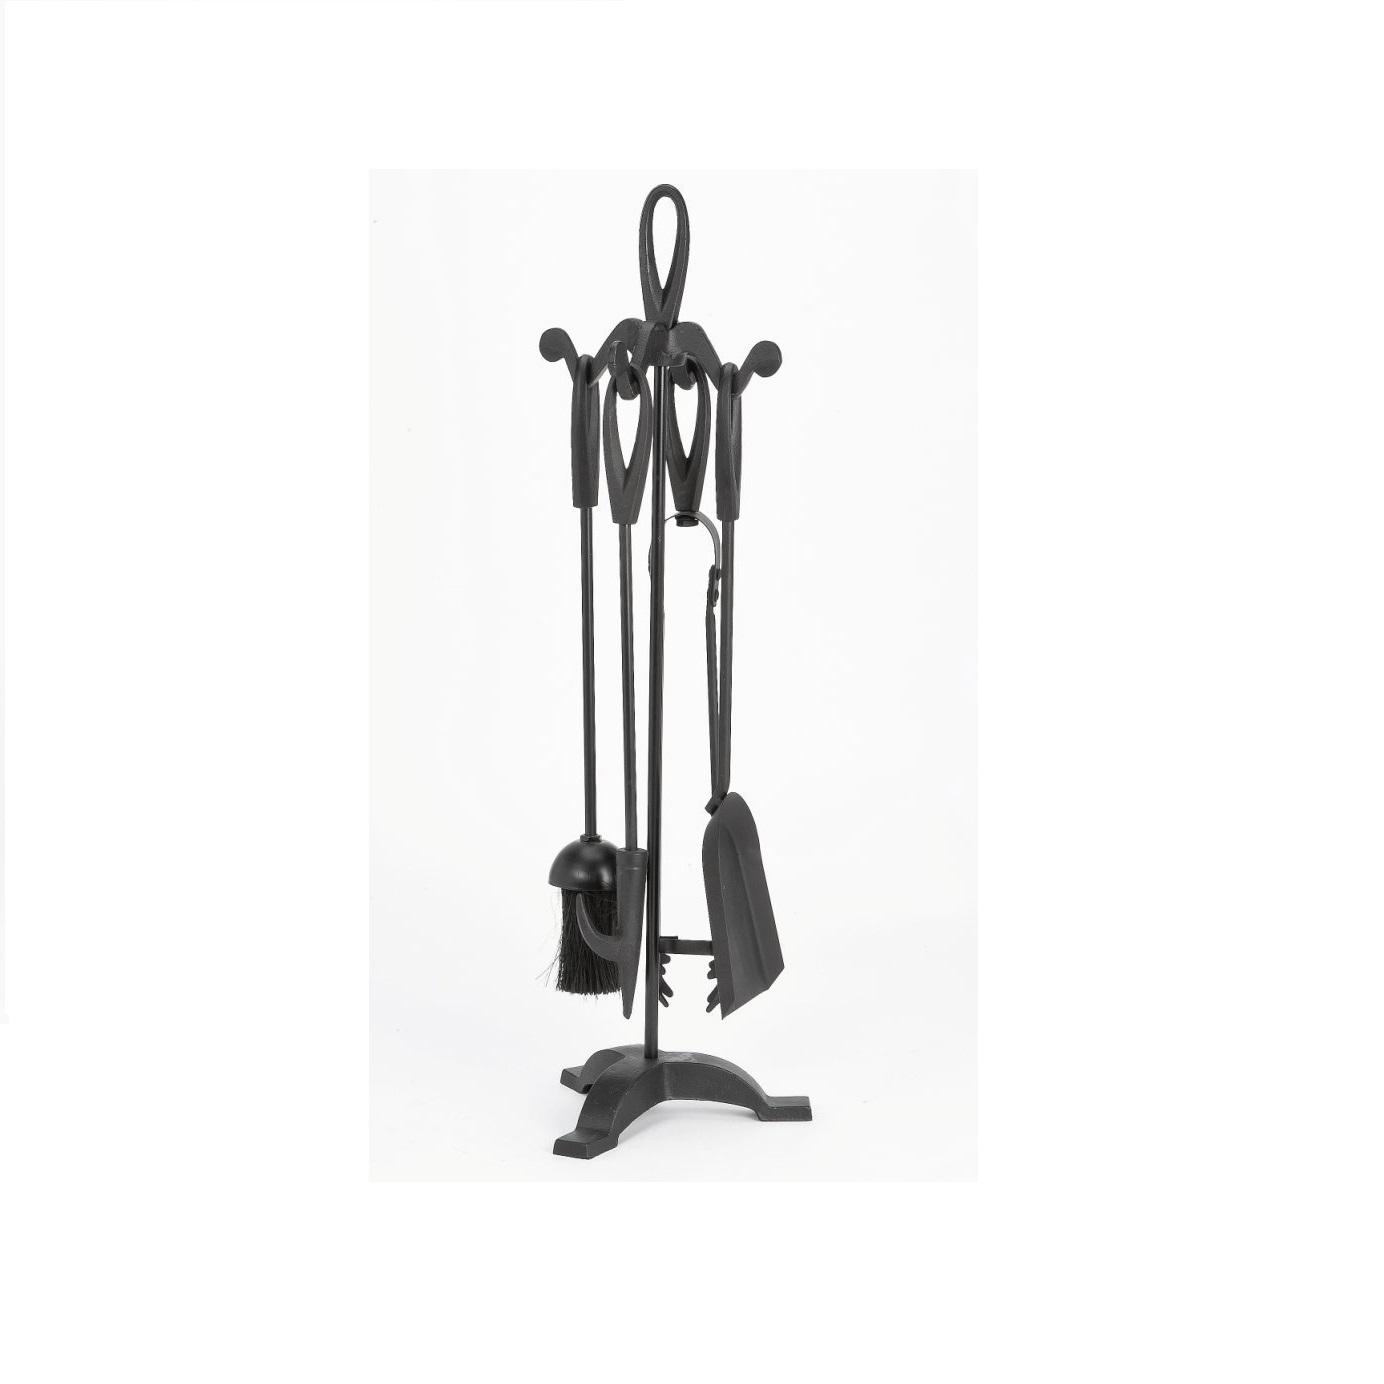 Bakaware Warwick - Juego de accesorios para chimenea en soporte (hierro fundido, 55,8 cm), color negro